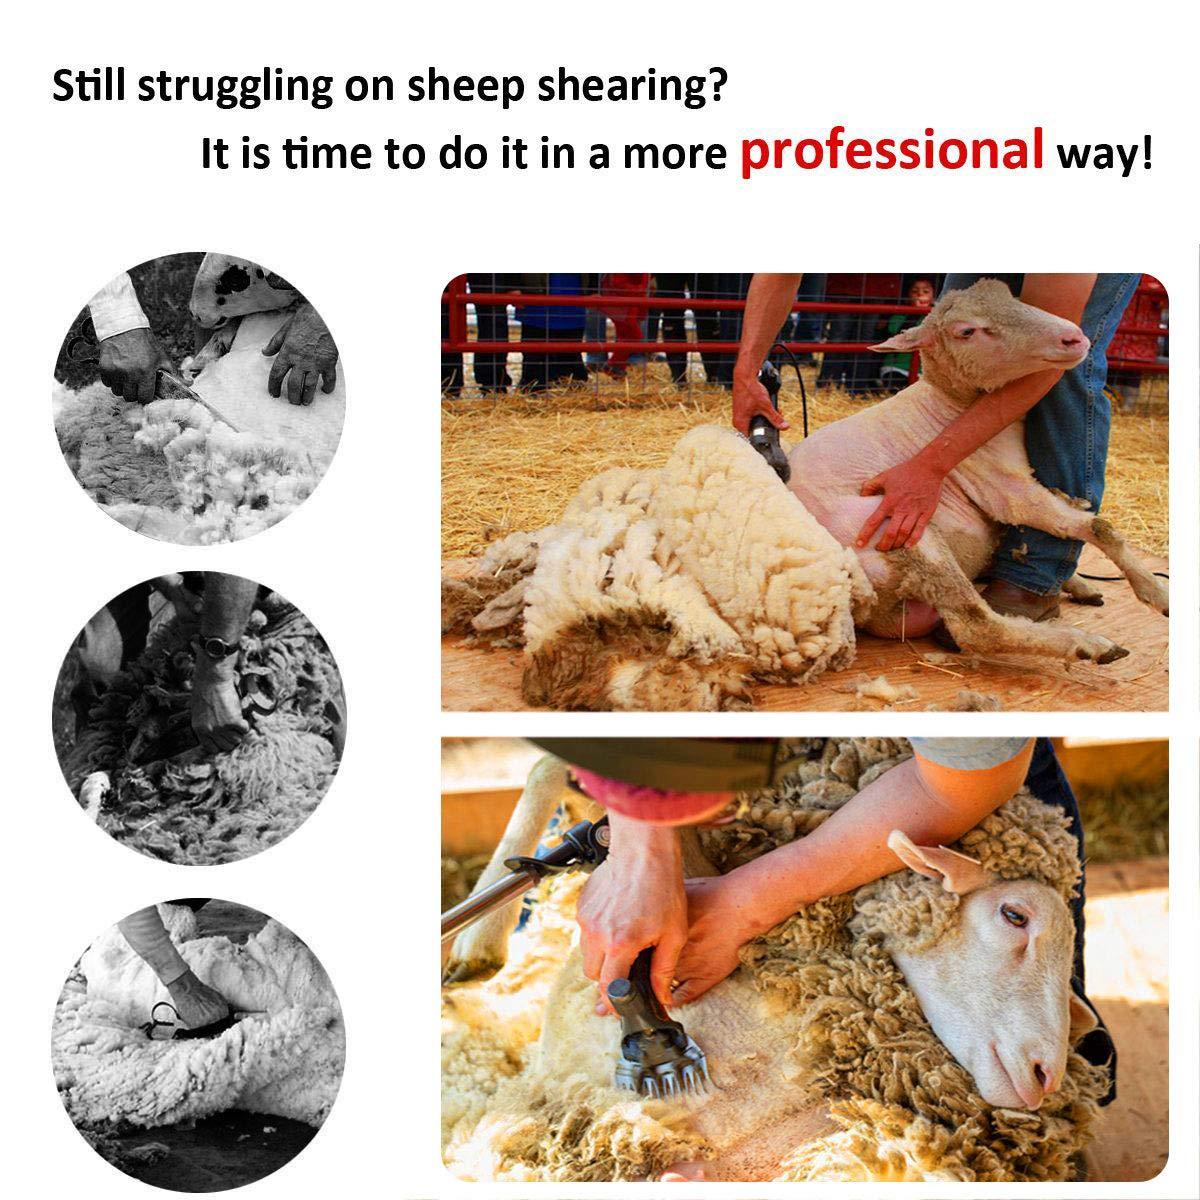 Clipper elettrici da cesoie da 650W, cesoie cesoie cesoie elettriche professionali per capre per animali da pelliccia per miglioreiame da allevamento, 6 velocità 13 denti 0f64c7